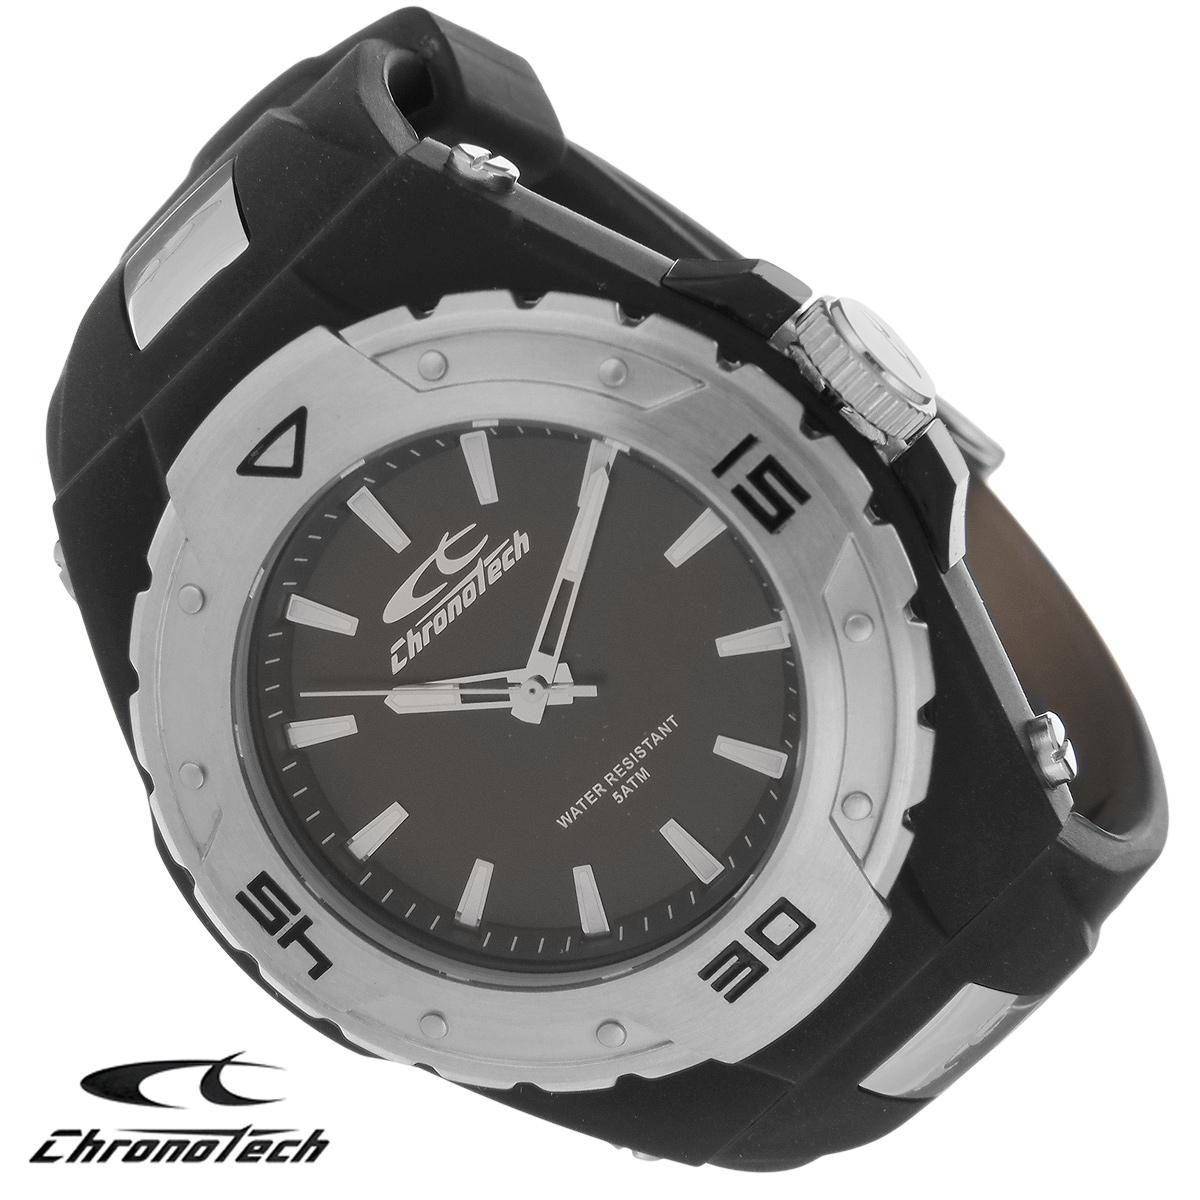 Часы мужские наручные Chronotech, цвет: черный. RW0019RW0019Часы Chronotech - это часы для современных и стильных людей, которые стремятся выделиться из толпы и подчеркнуть свою индивидуальность. Корпус часов выполнен из нержавеющей стали с покрытием поликарбонатом. Циферблат оформлен отметками и защищен минеральным стеклом. Часы имеют три стрелки - часовую, минутную и секундную. Стрелки и отметки светятся в темноте. Ремешок часов выполнен из каучука и застегивается на классическую застежку. Часы выполнены в спортивном стиле. Часы упакованы в фирменную коробку с логотипом компании Chronotech. Такой аксессуар добавит вашему образу стиля и подчеркнет безупречный вкус своего владельца. Характеристики: Диаметр циферблата: 3,1 см. Размер корпуса: 5 см х 5 см х 1,1 см. Длина ремешка (с корпусом): 22 см. Ширина ремешка: 2,2 см.